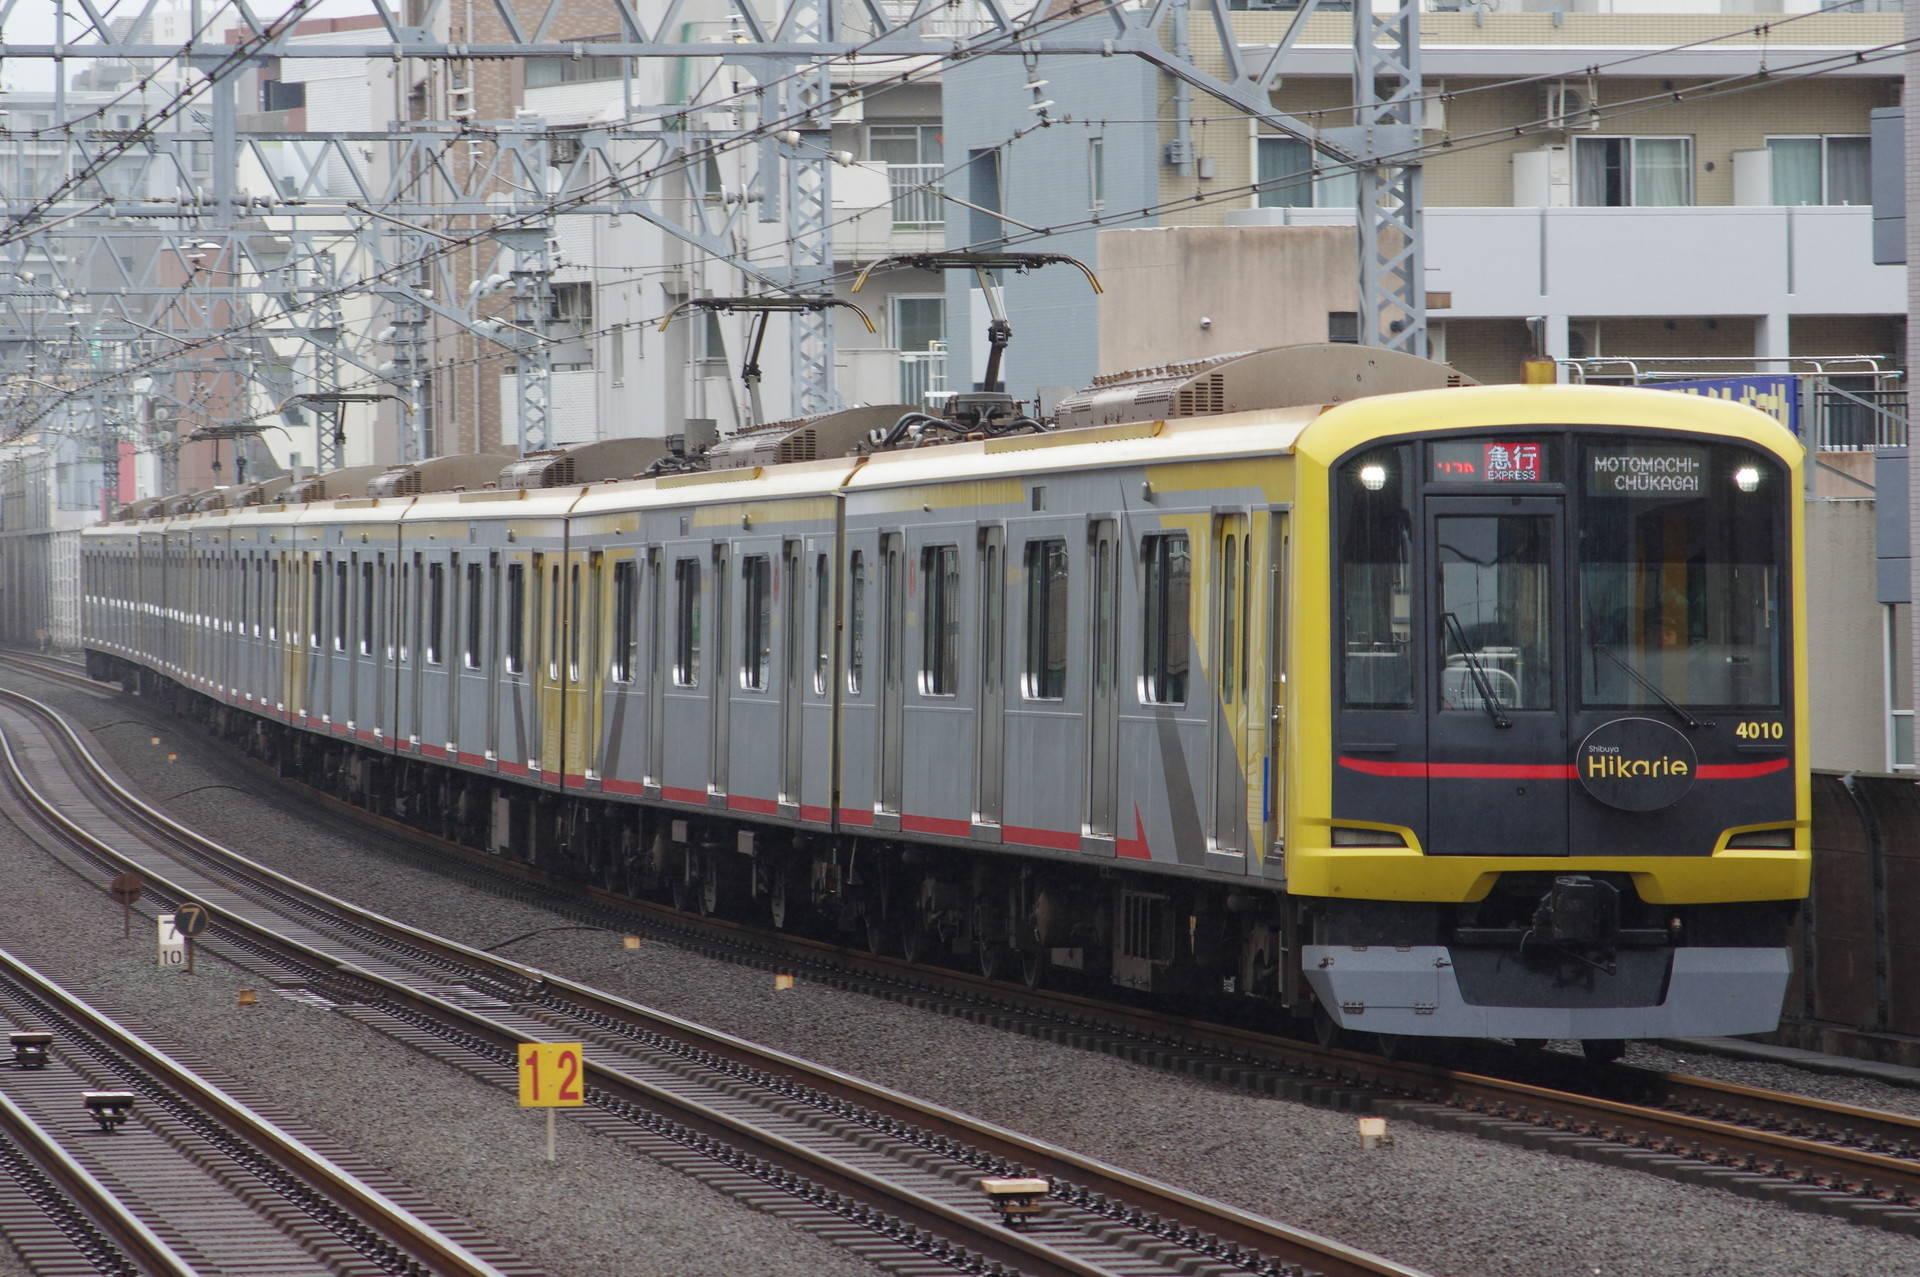 東急電鉄 5050系4000番台4110編成「Shibuya Hikarie号」